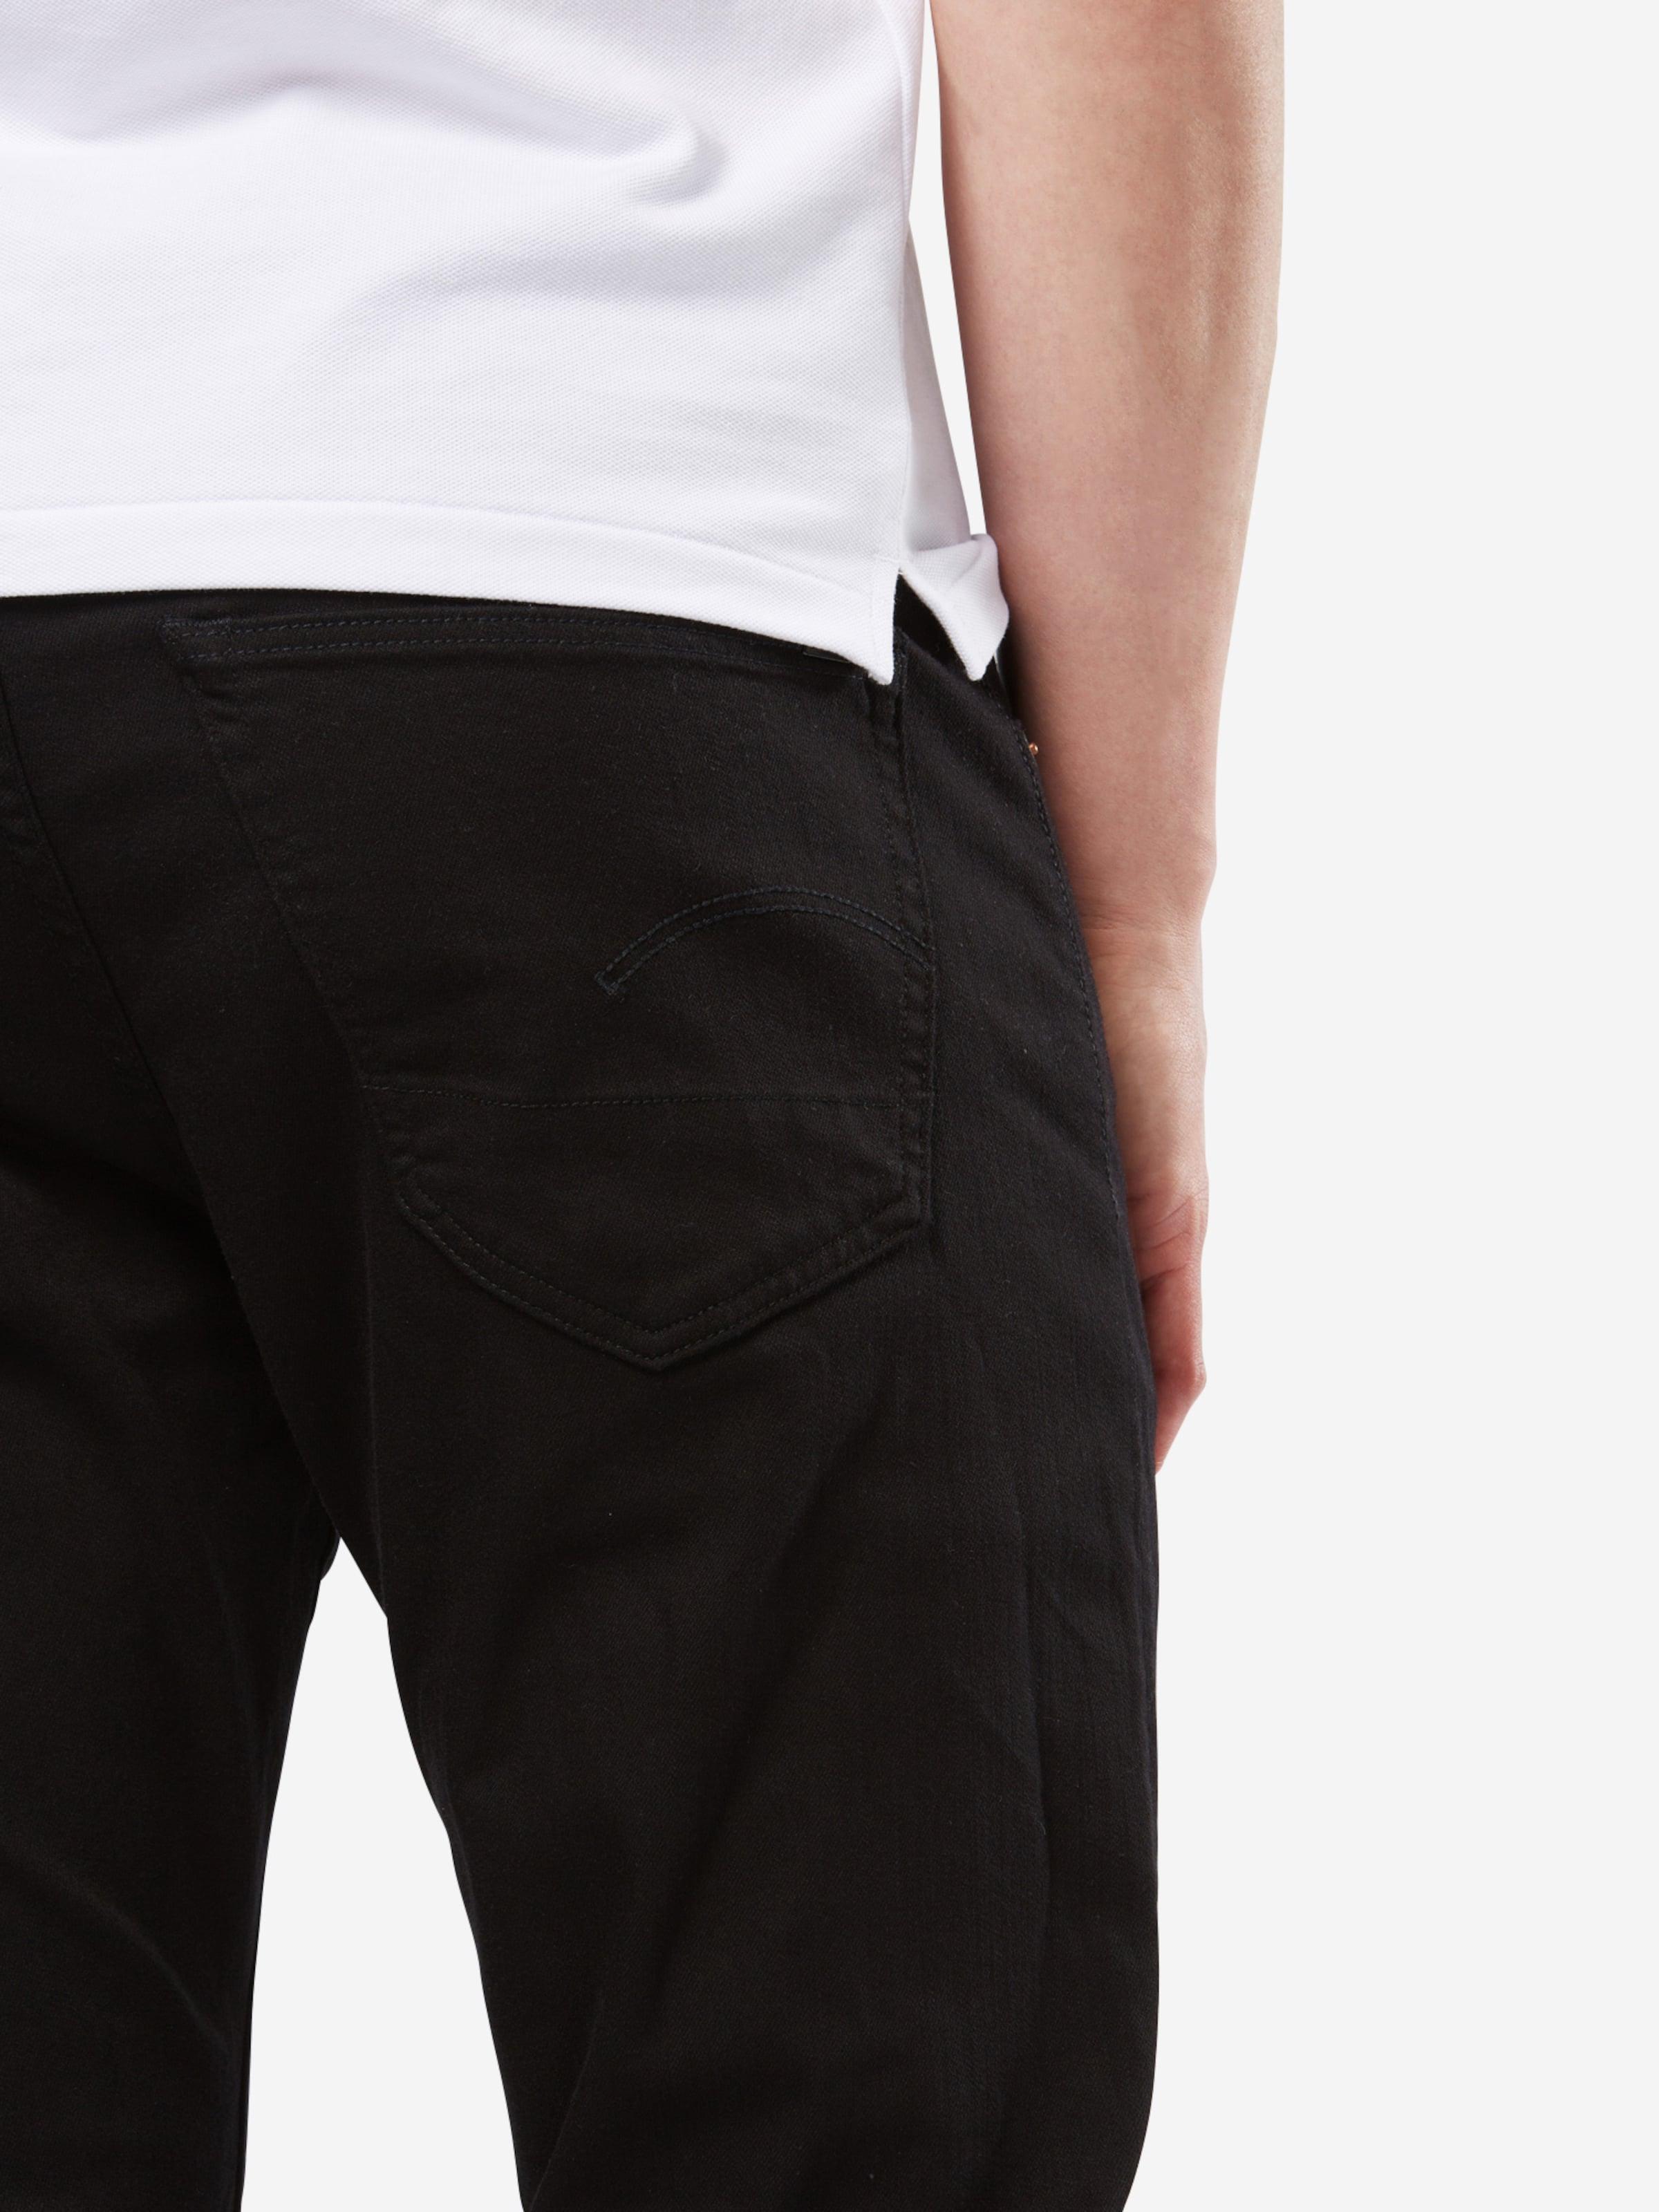 100% Authentisch Günstig Online G-STAR RAW Jeans '3301 Slim' Erstaunlicher Preis Verkauf Online Billig Verkauf 2018 Spielraum Vorbestellung q1vhnv